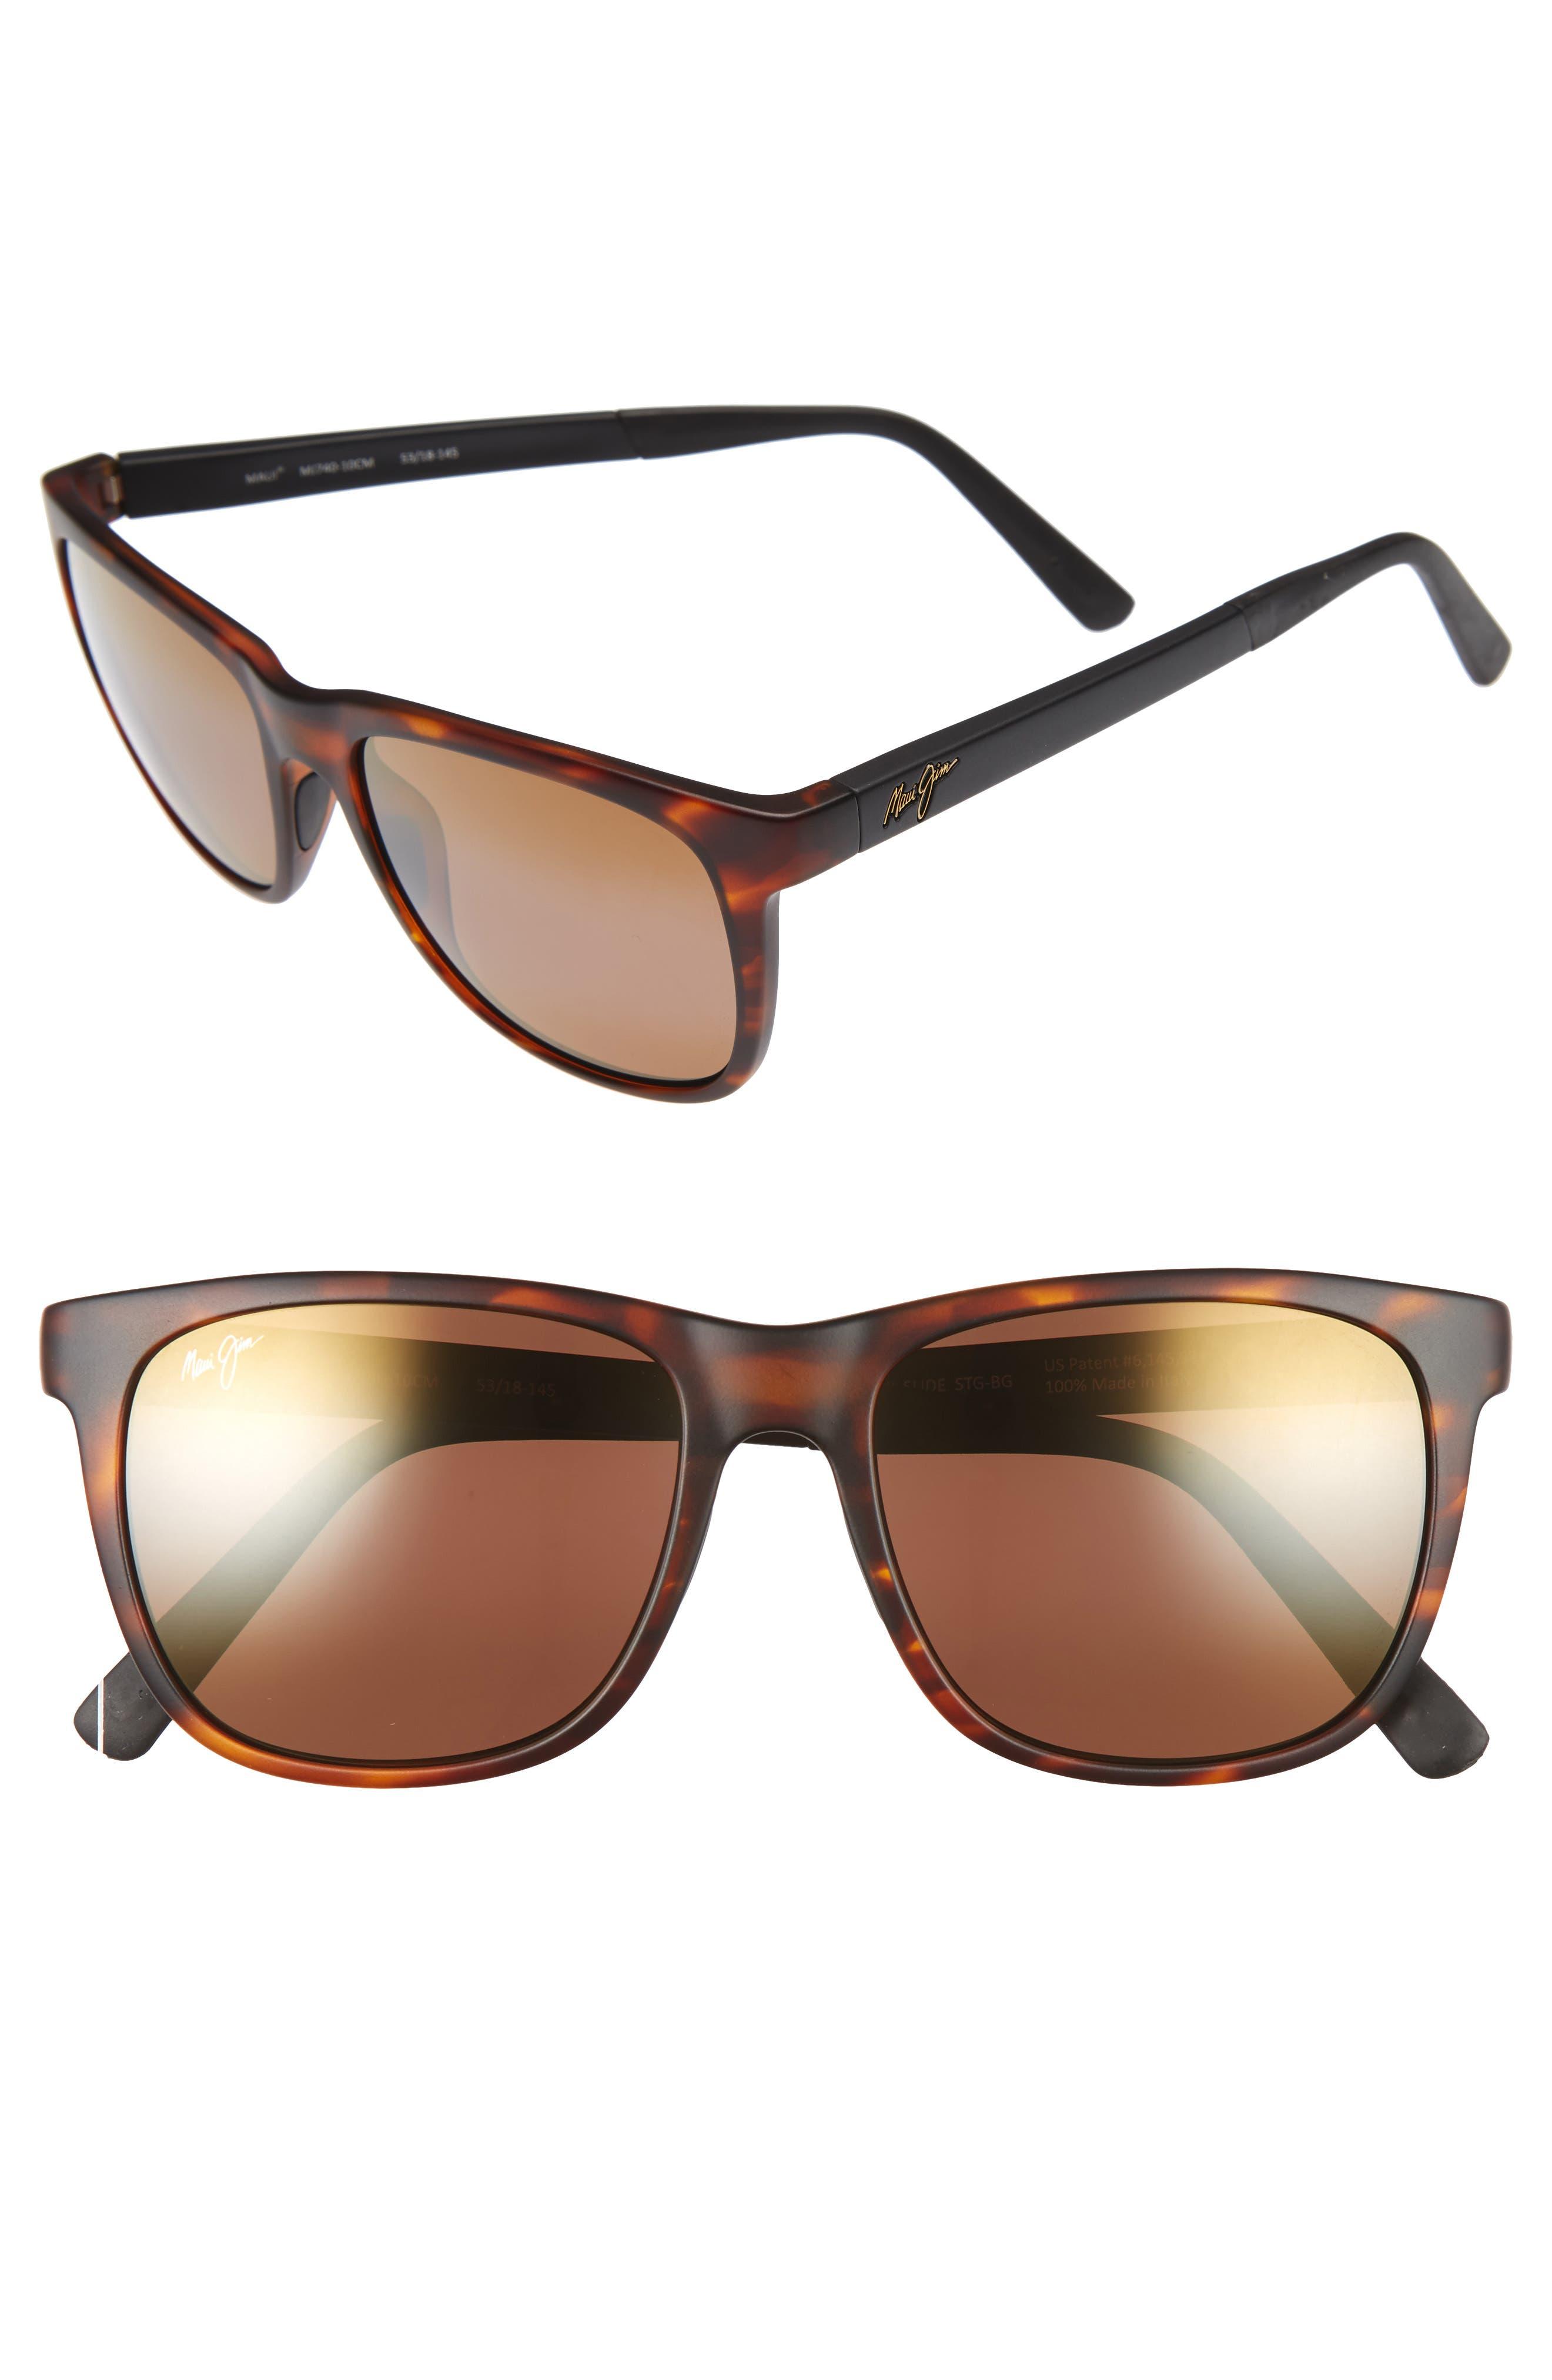 Maui Jim Tail Slide 5m Polarized Sunglasses -